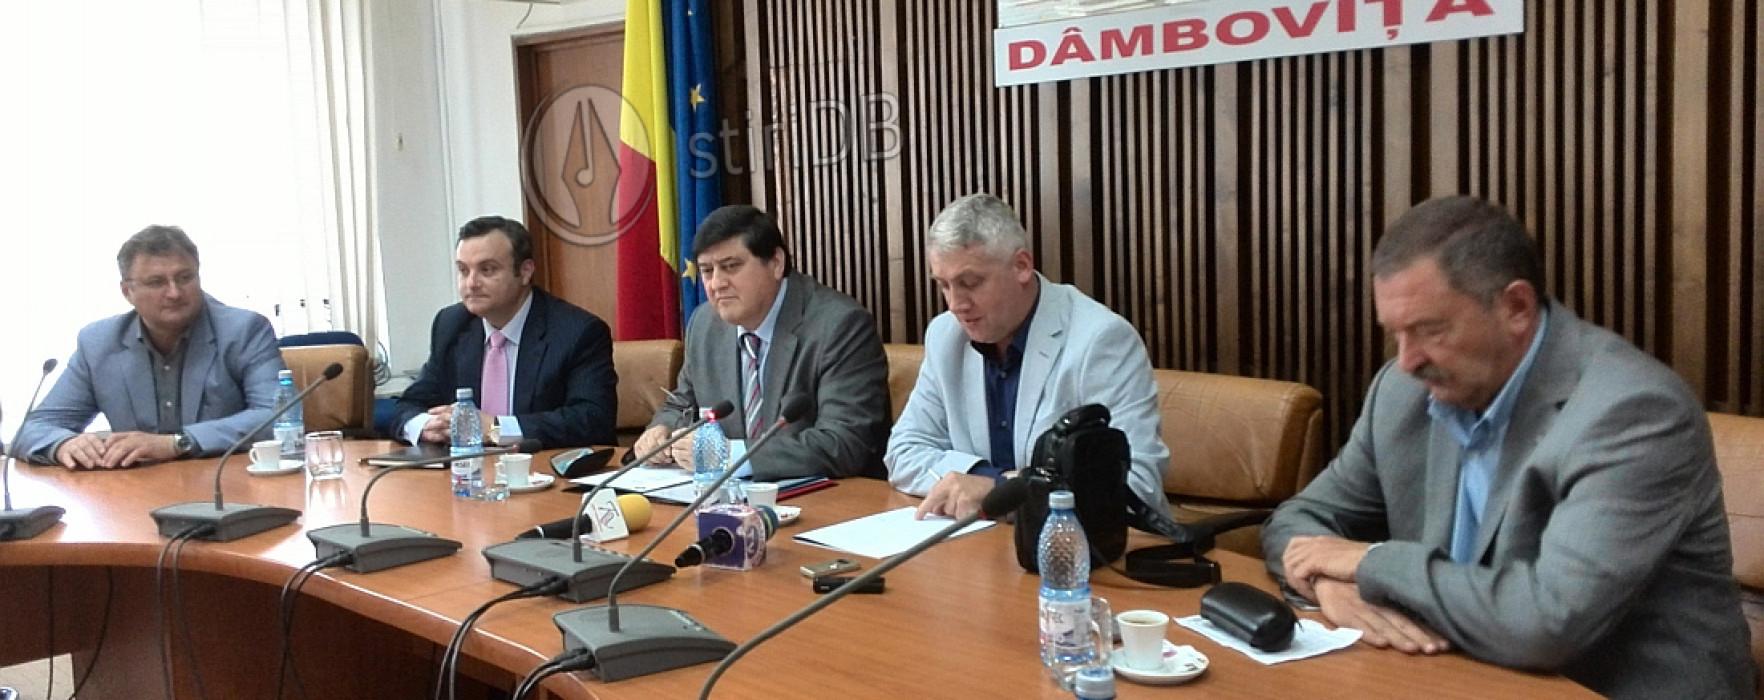 Ministrul Economiei: Uzinele de la Mija şi Dragomireşti au şanse de eficientizare; la Automecanica Moreni sunt probleme